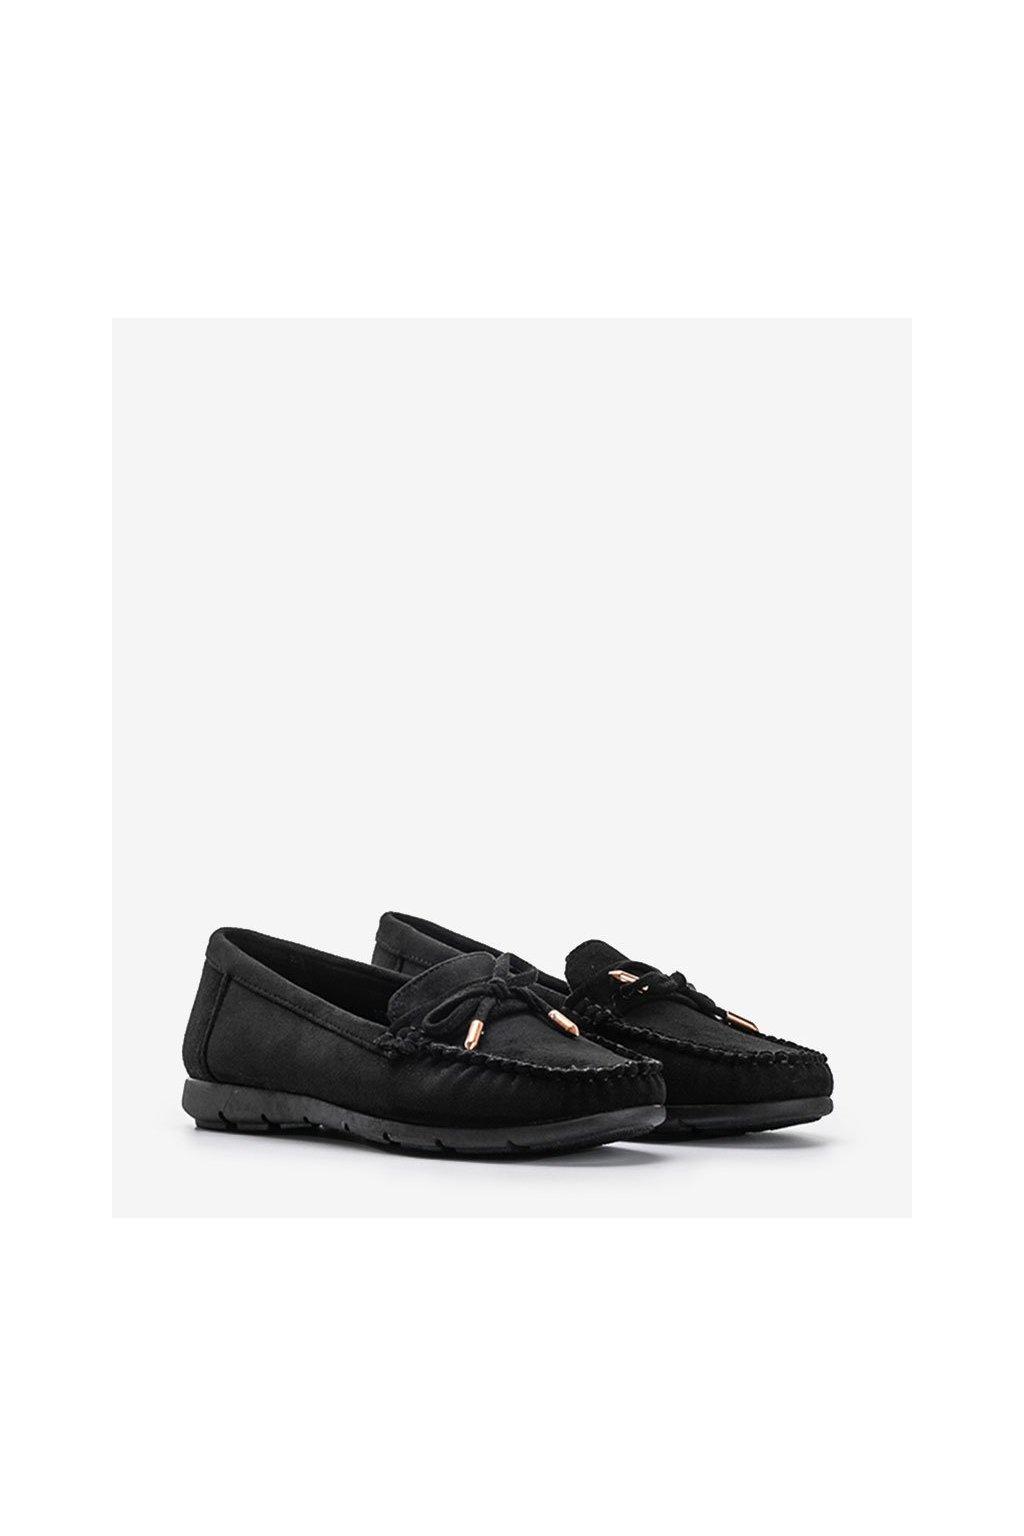 Dámske topánky mokasíny čierne kód RQ-2 - GM